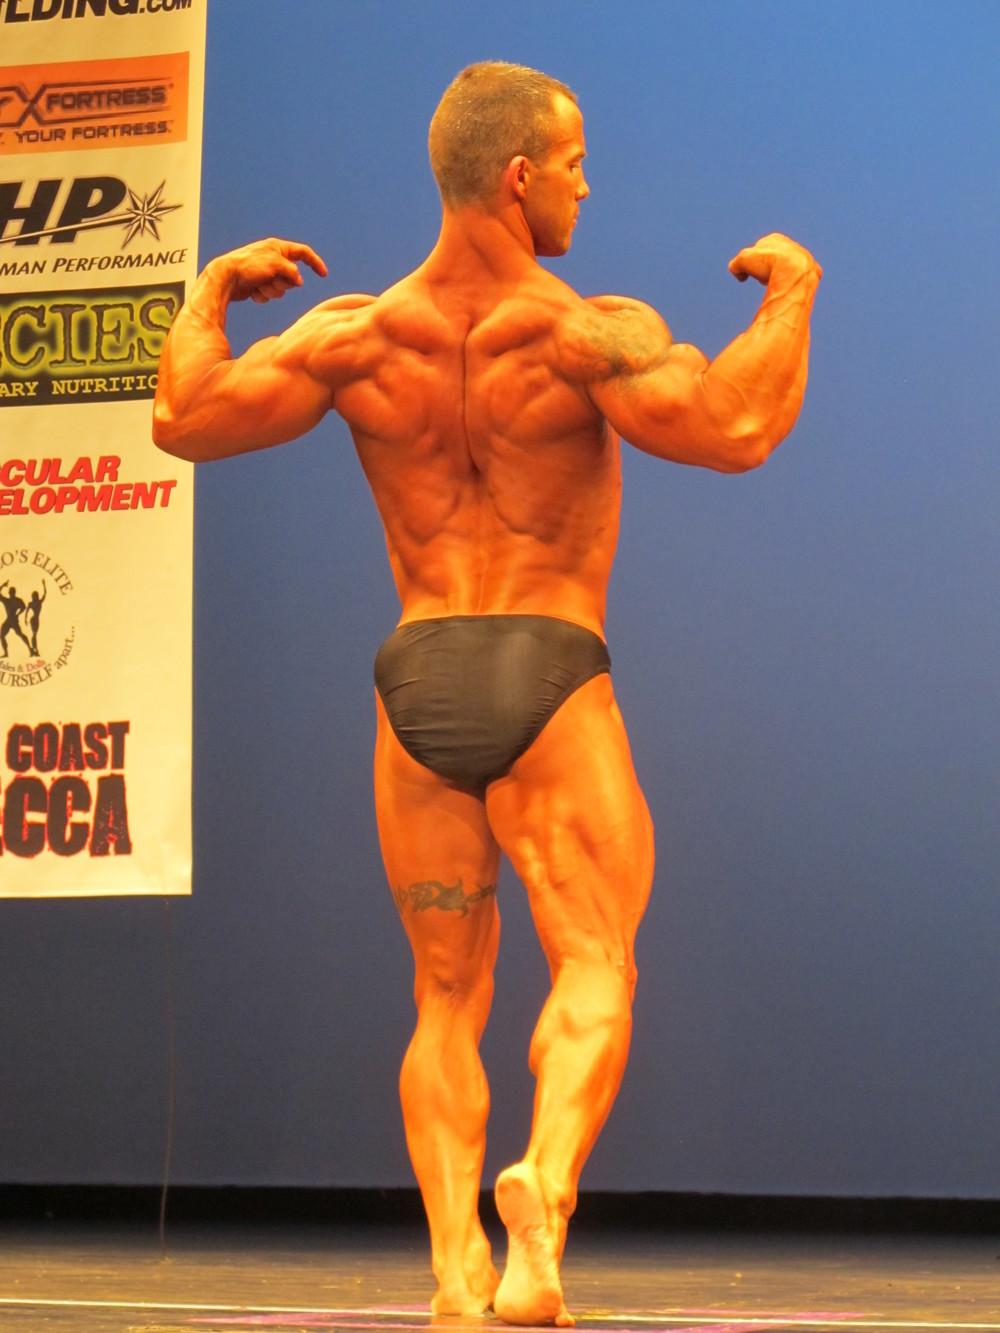 bodybuilding 227.jpg